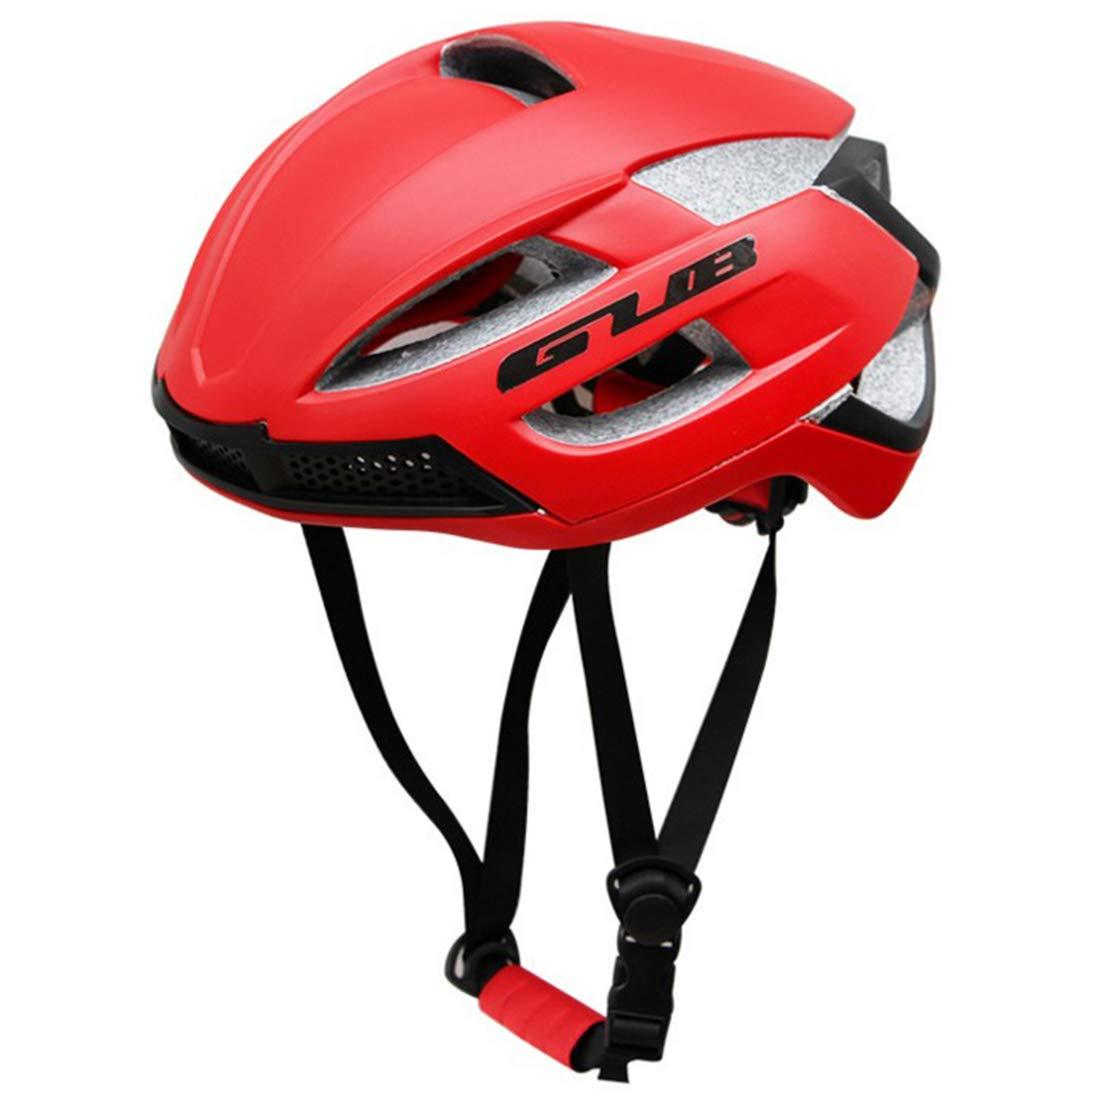 万全区孔家庄镇美衣社女装店 自転車用ヘルメット、屋外用サイクリング愛好家に最適な自転車用安全ヘルメット。 (サイズ : 02) 2  B07RJBFYLN